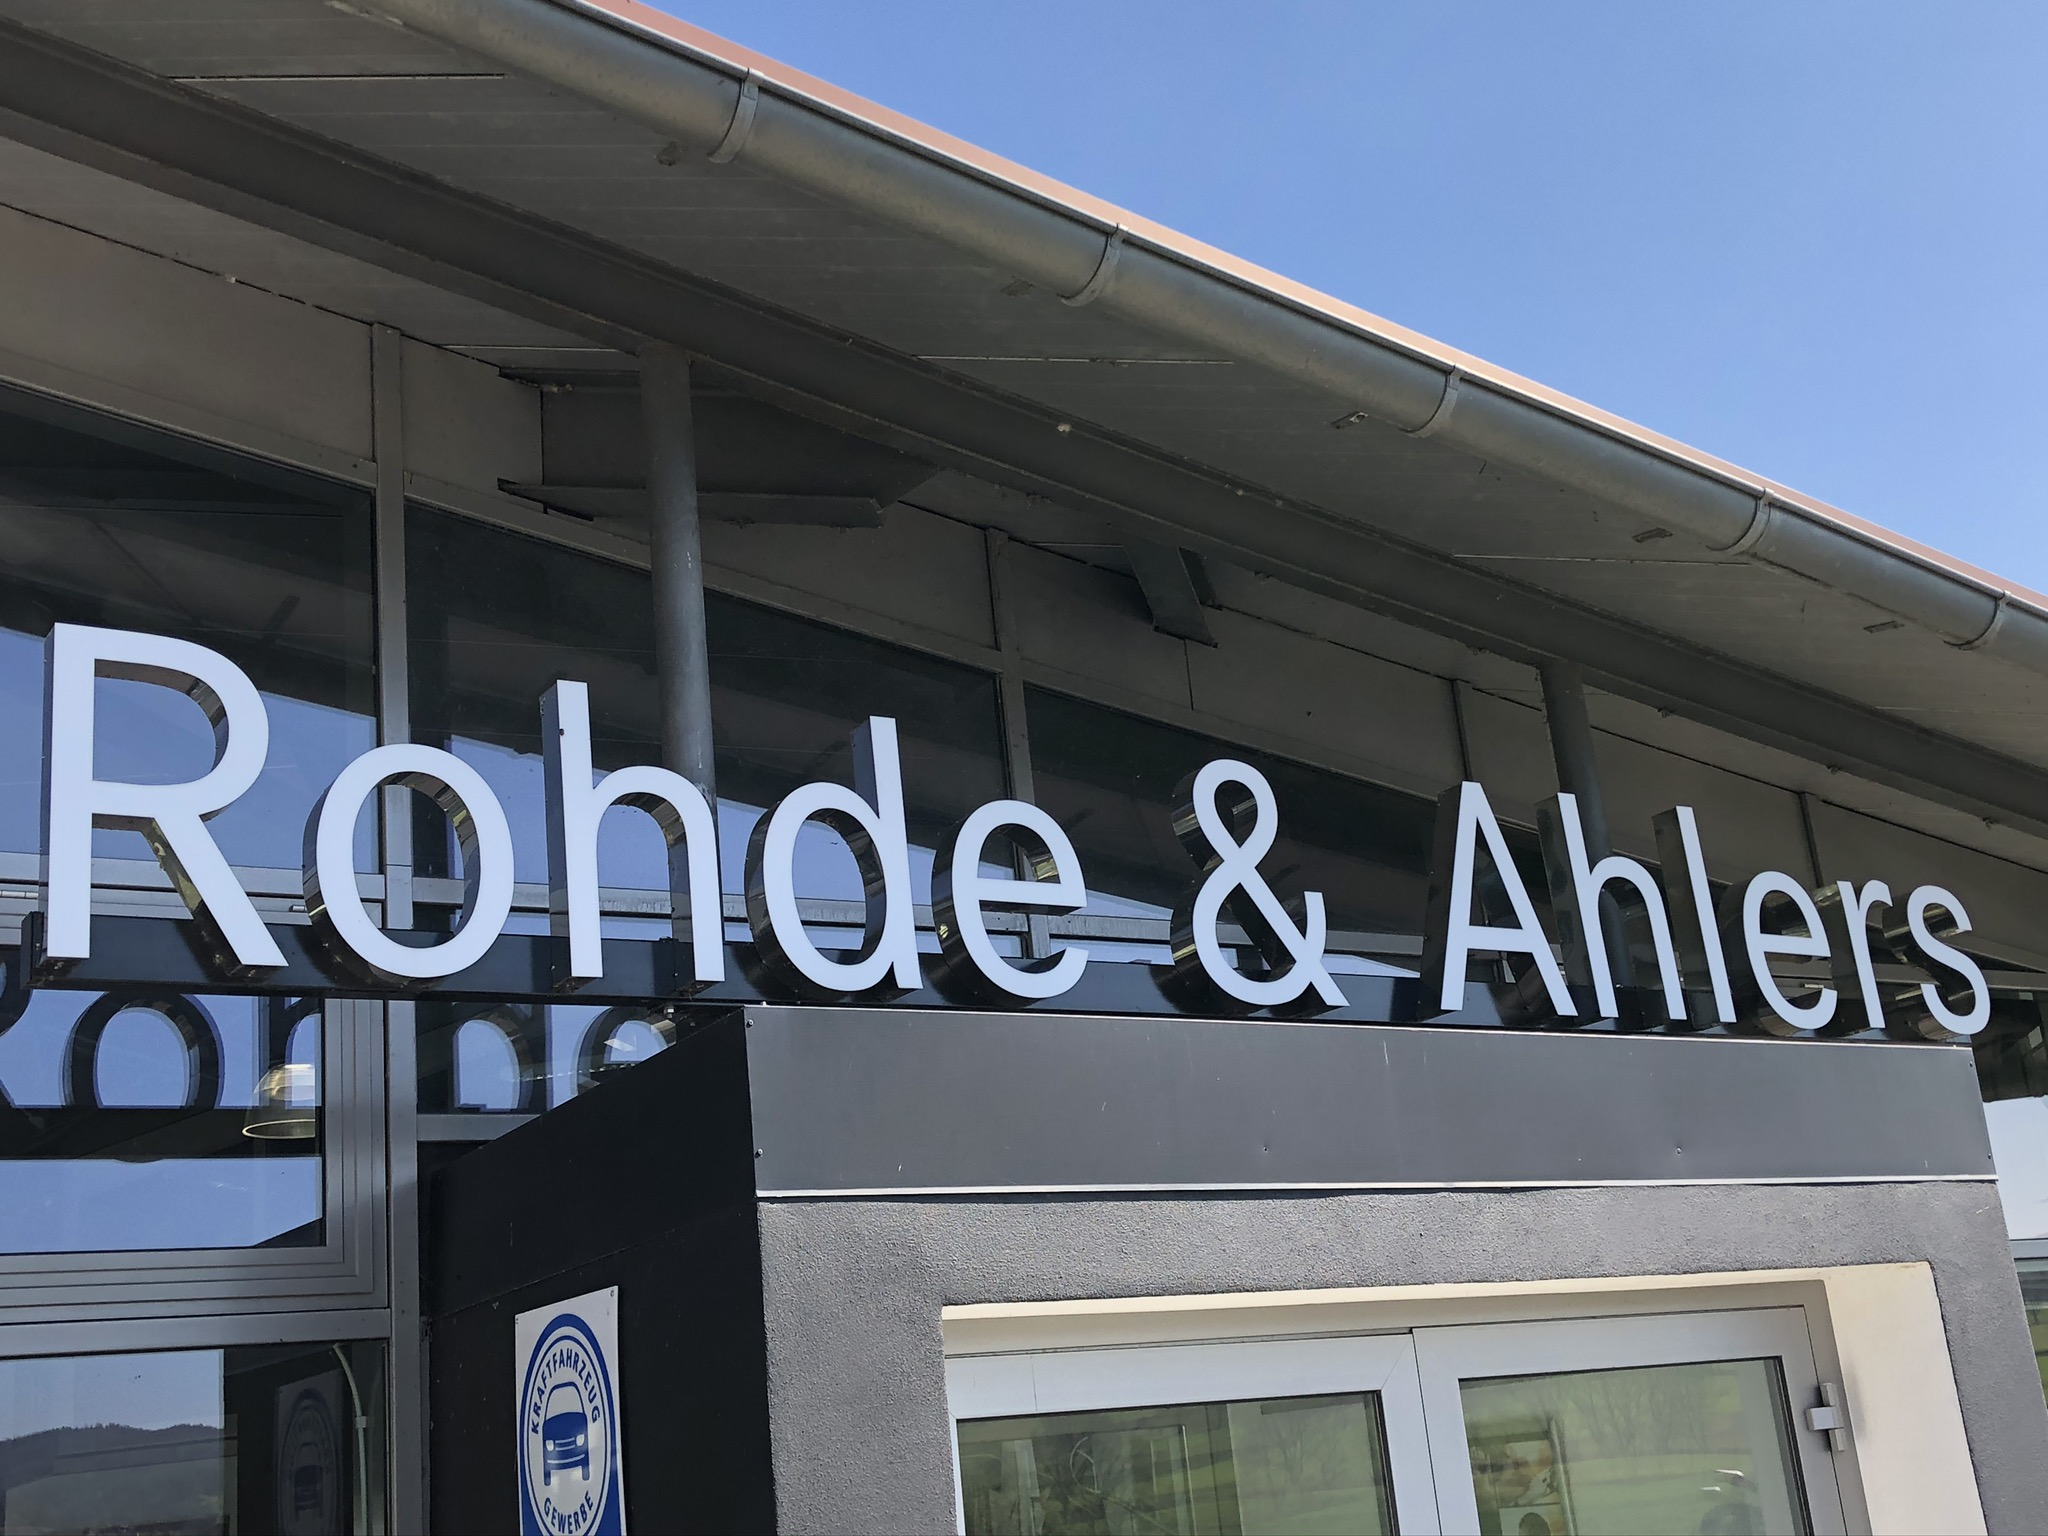 Schriftzug Rohde und Ahlers